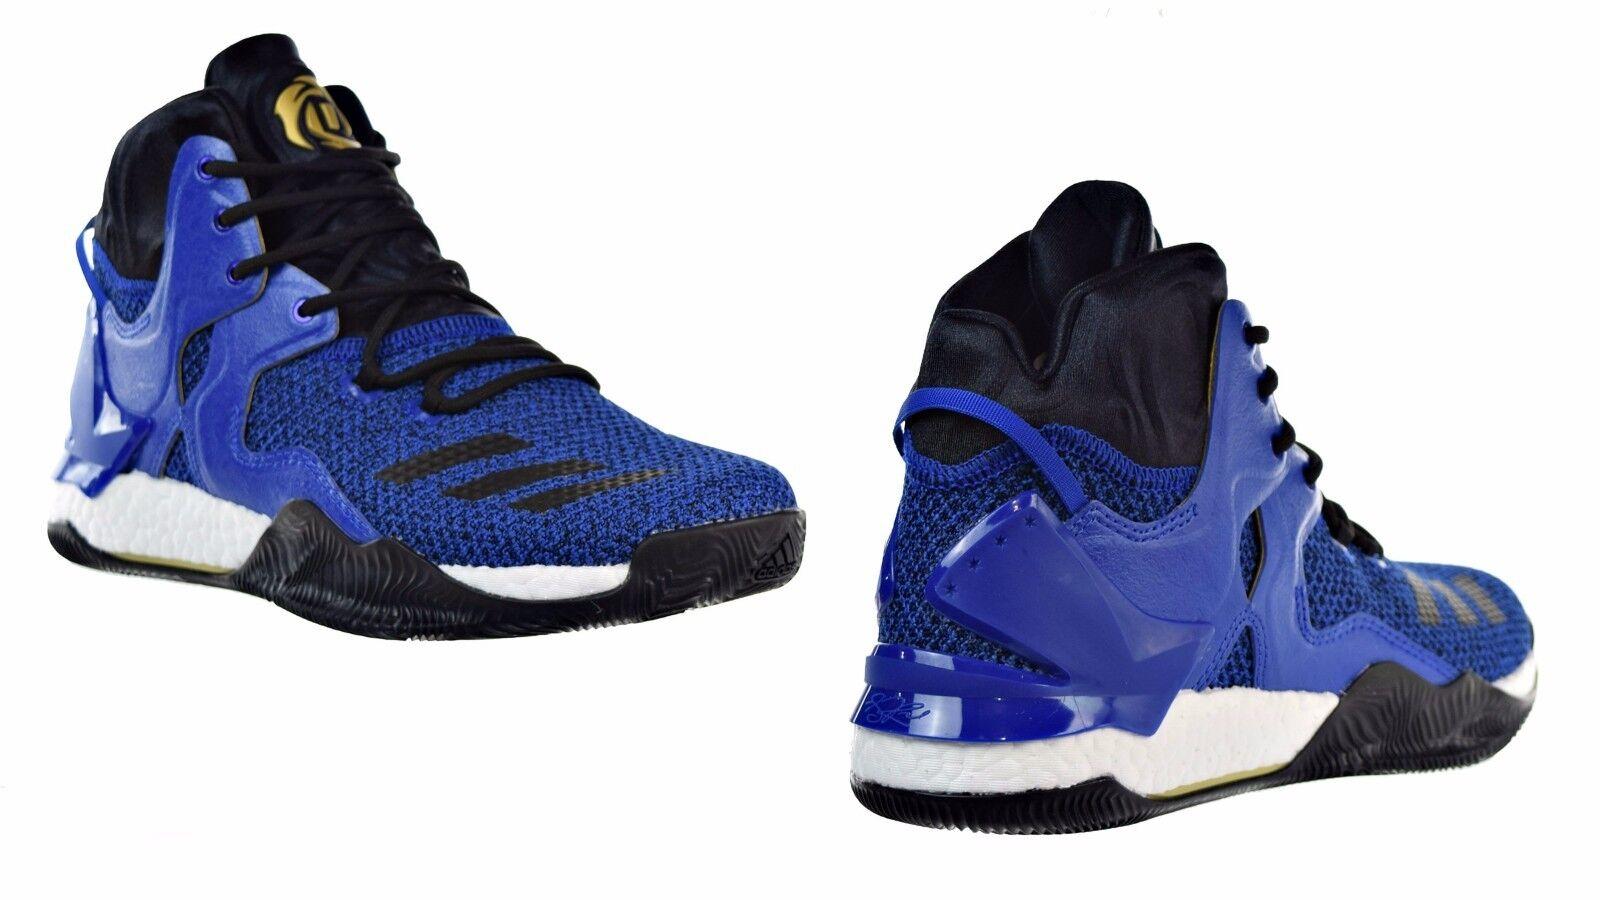 Gli uomini  adidas originali nero s rose blu / nero originali / oro bb8290 metallici solidi 508d0f